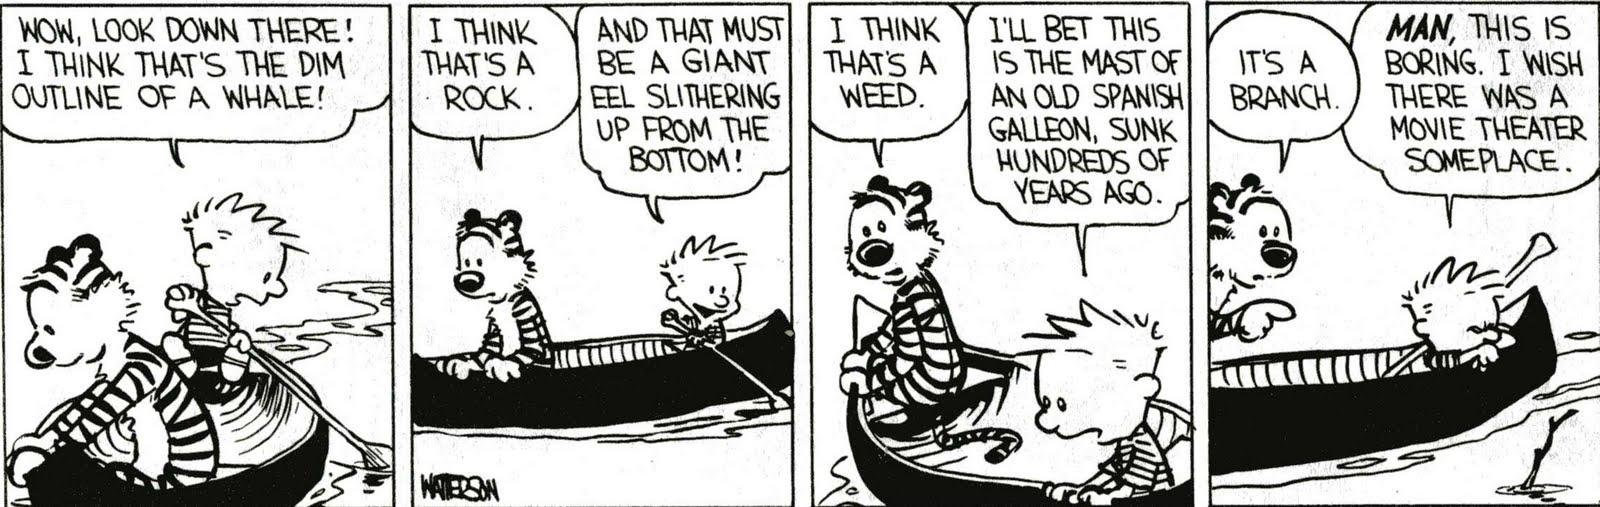 ziggy comic quotes